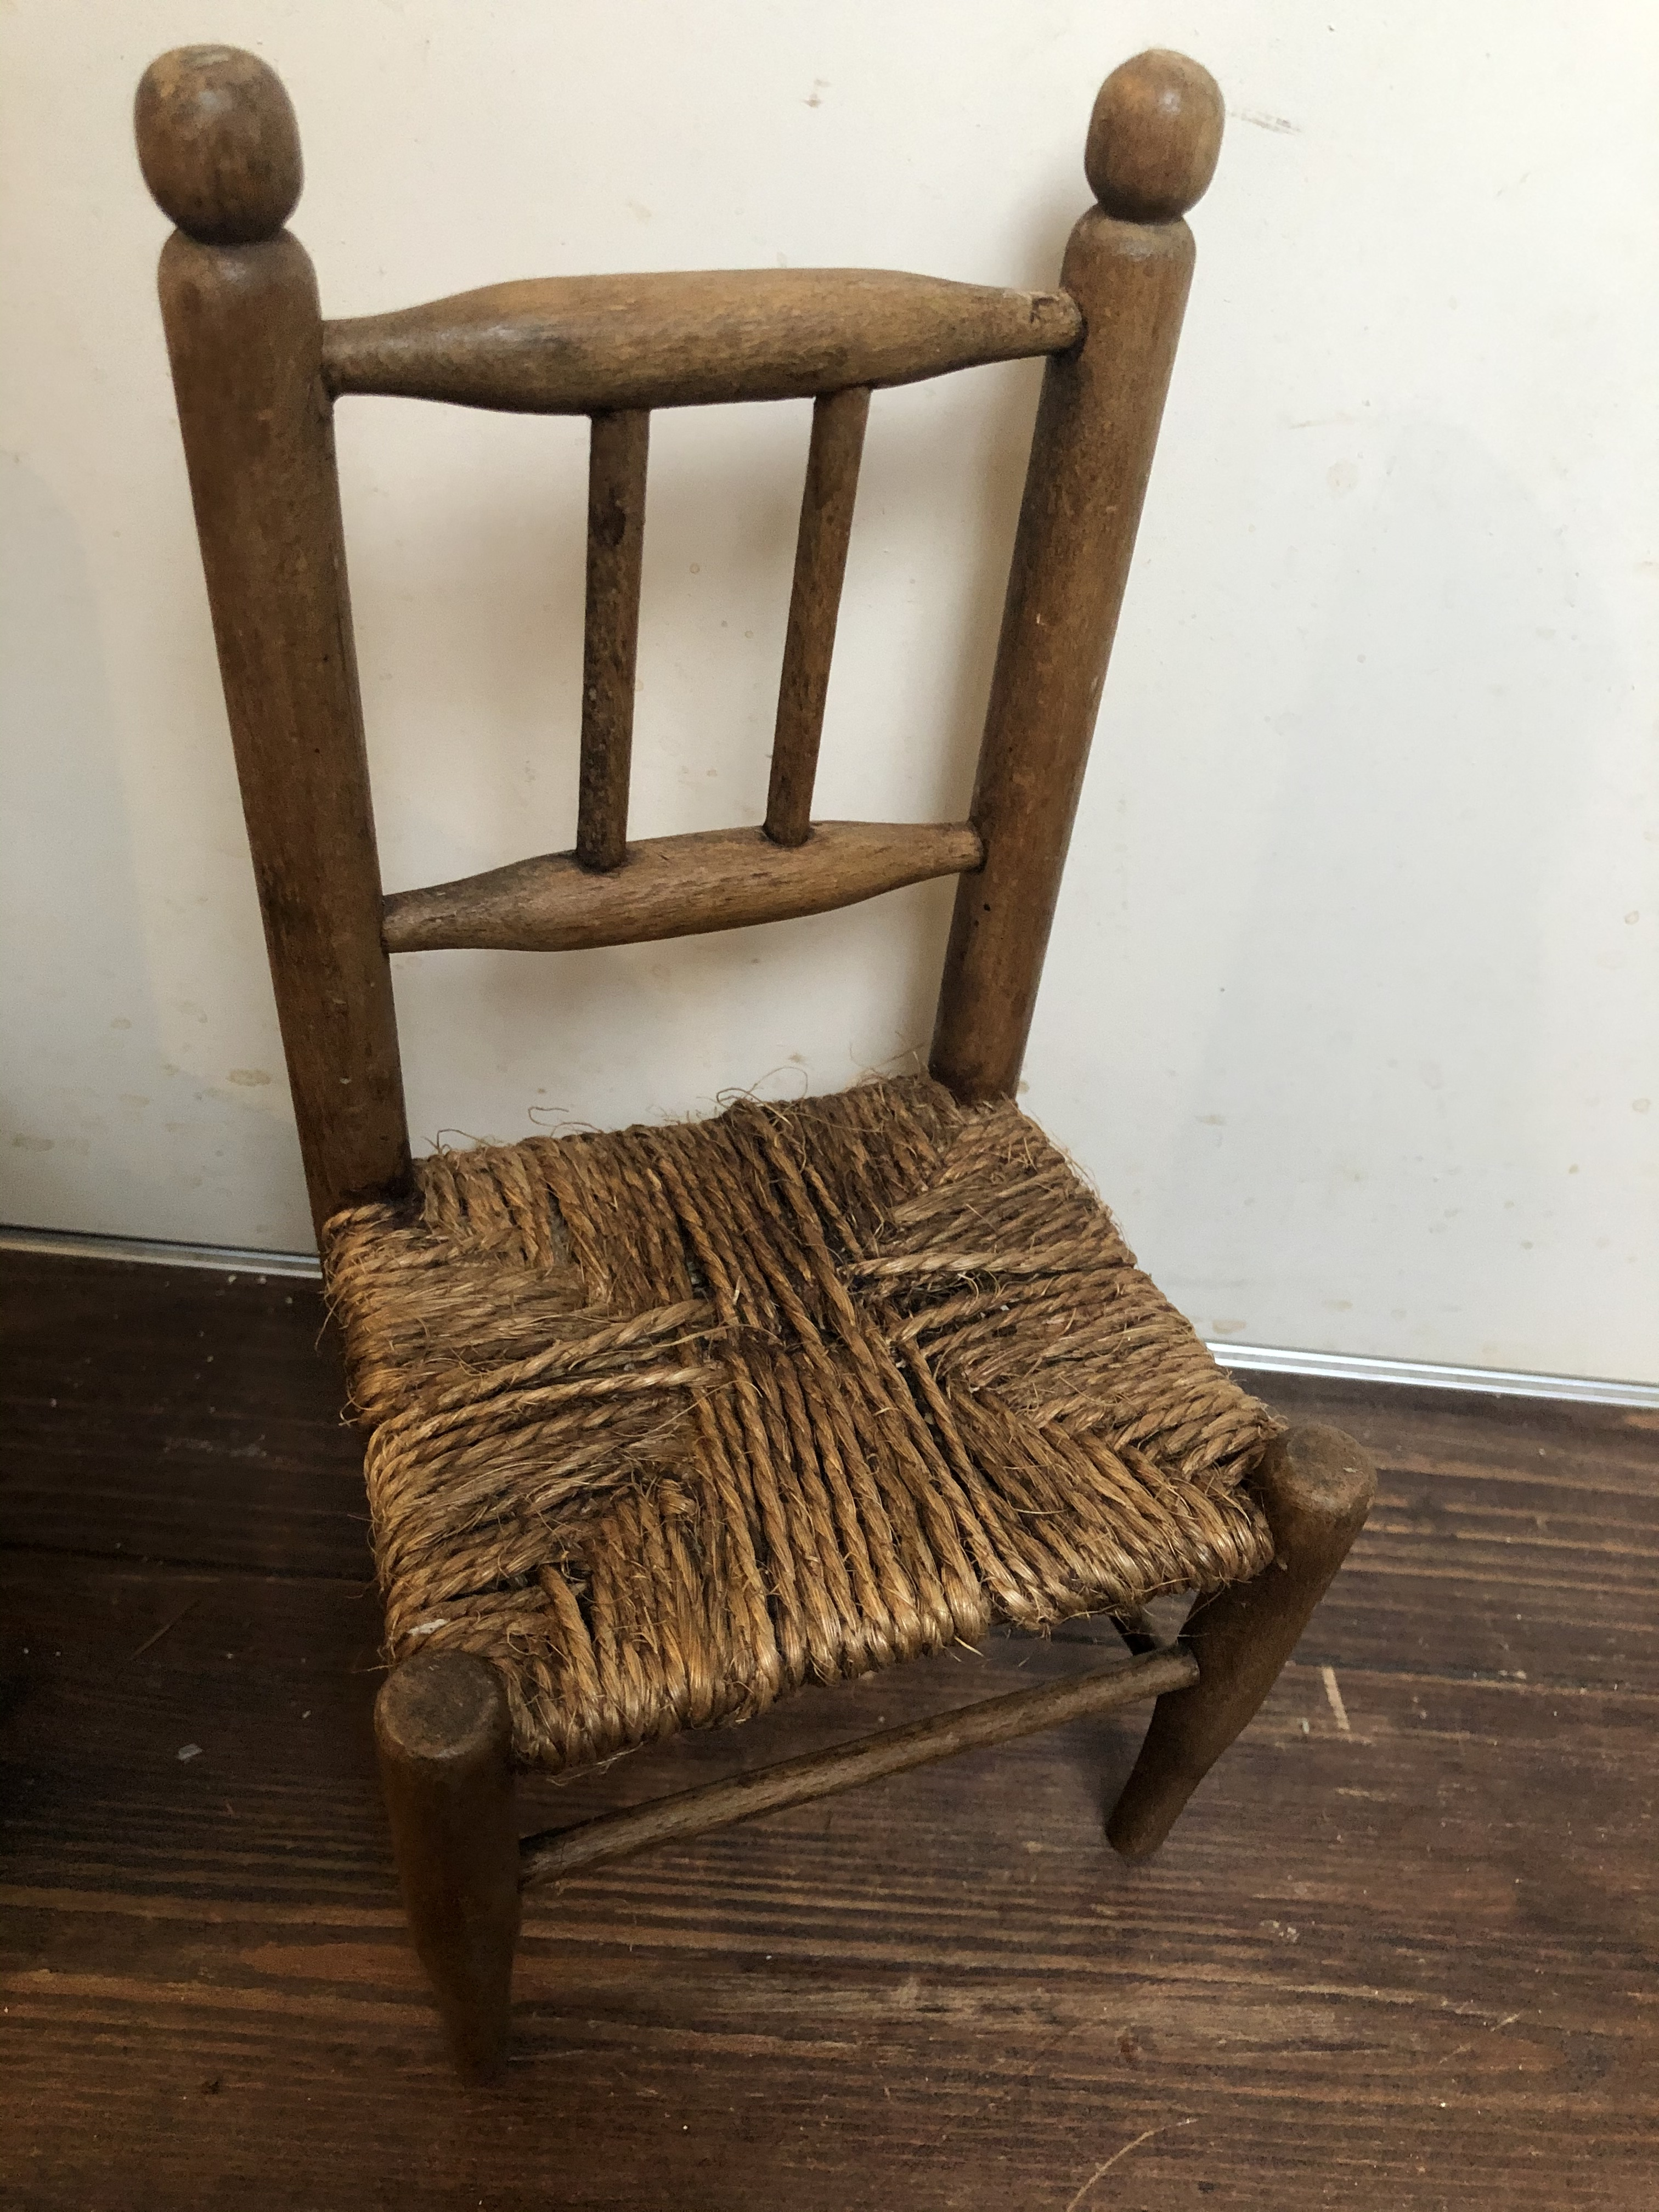 おもちゃの小さな木製チェア 椅子 toy chair 麻